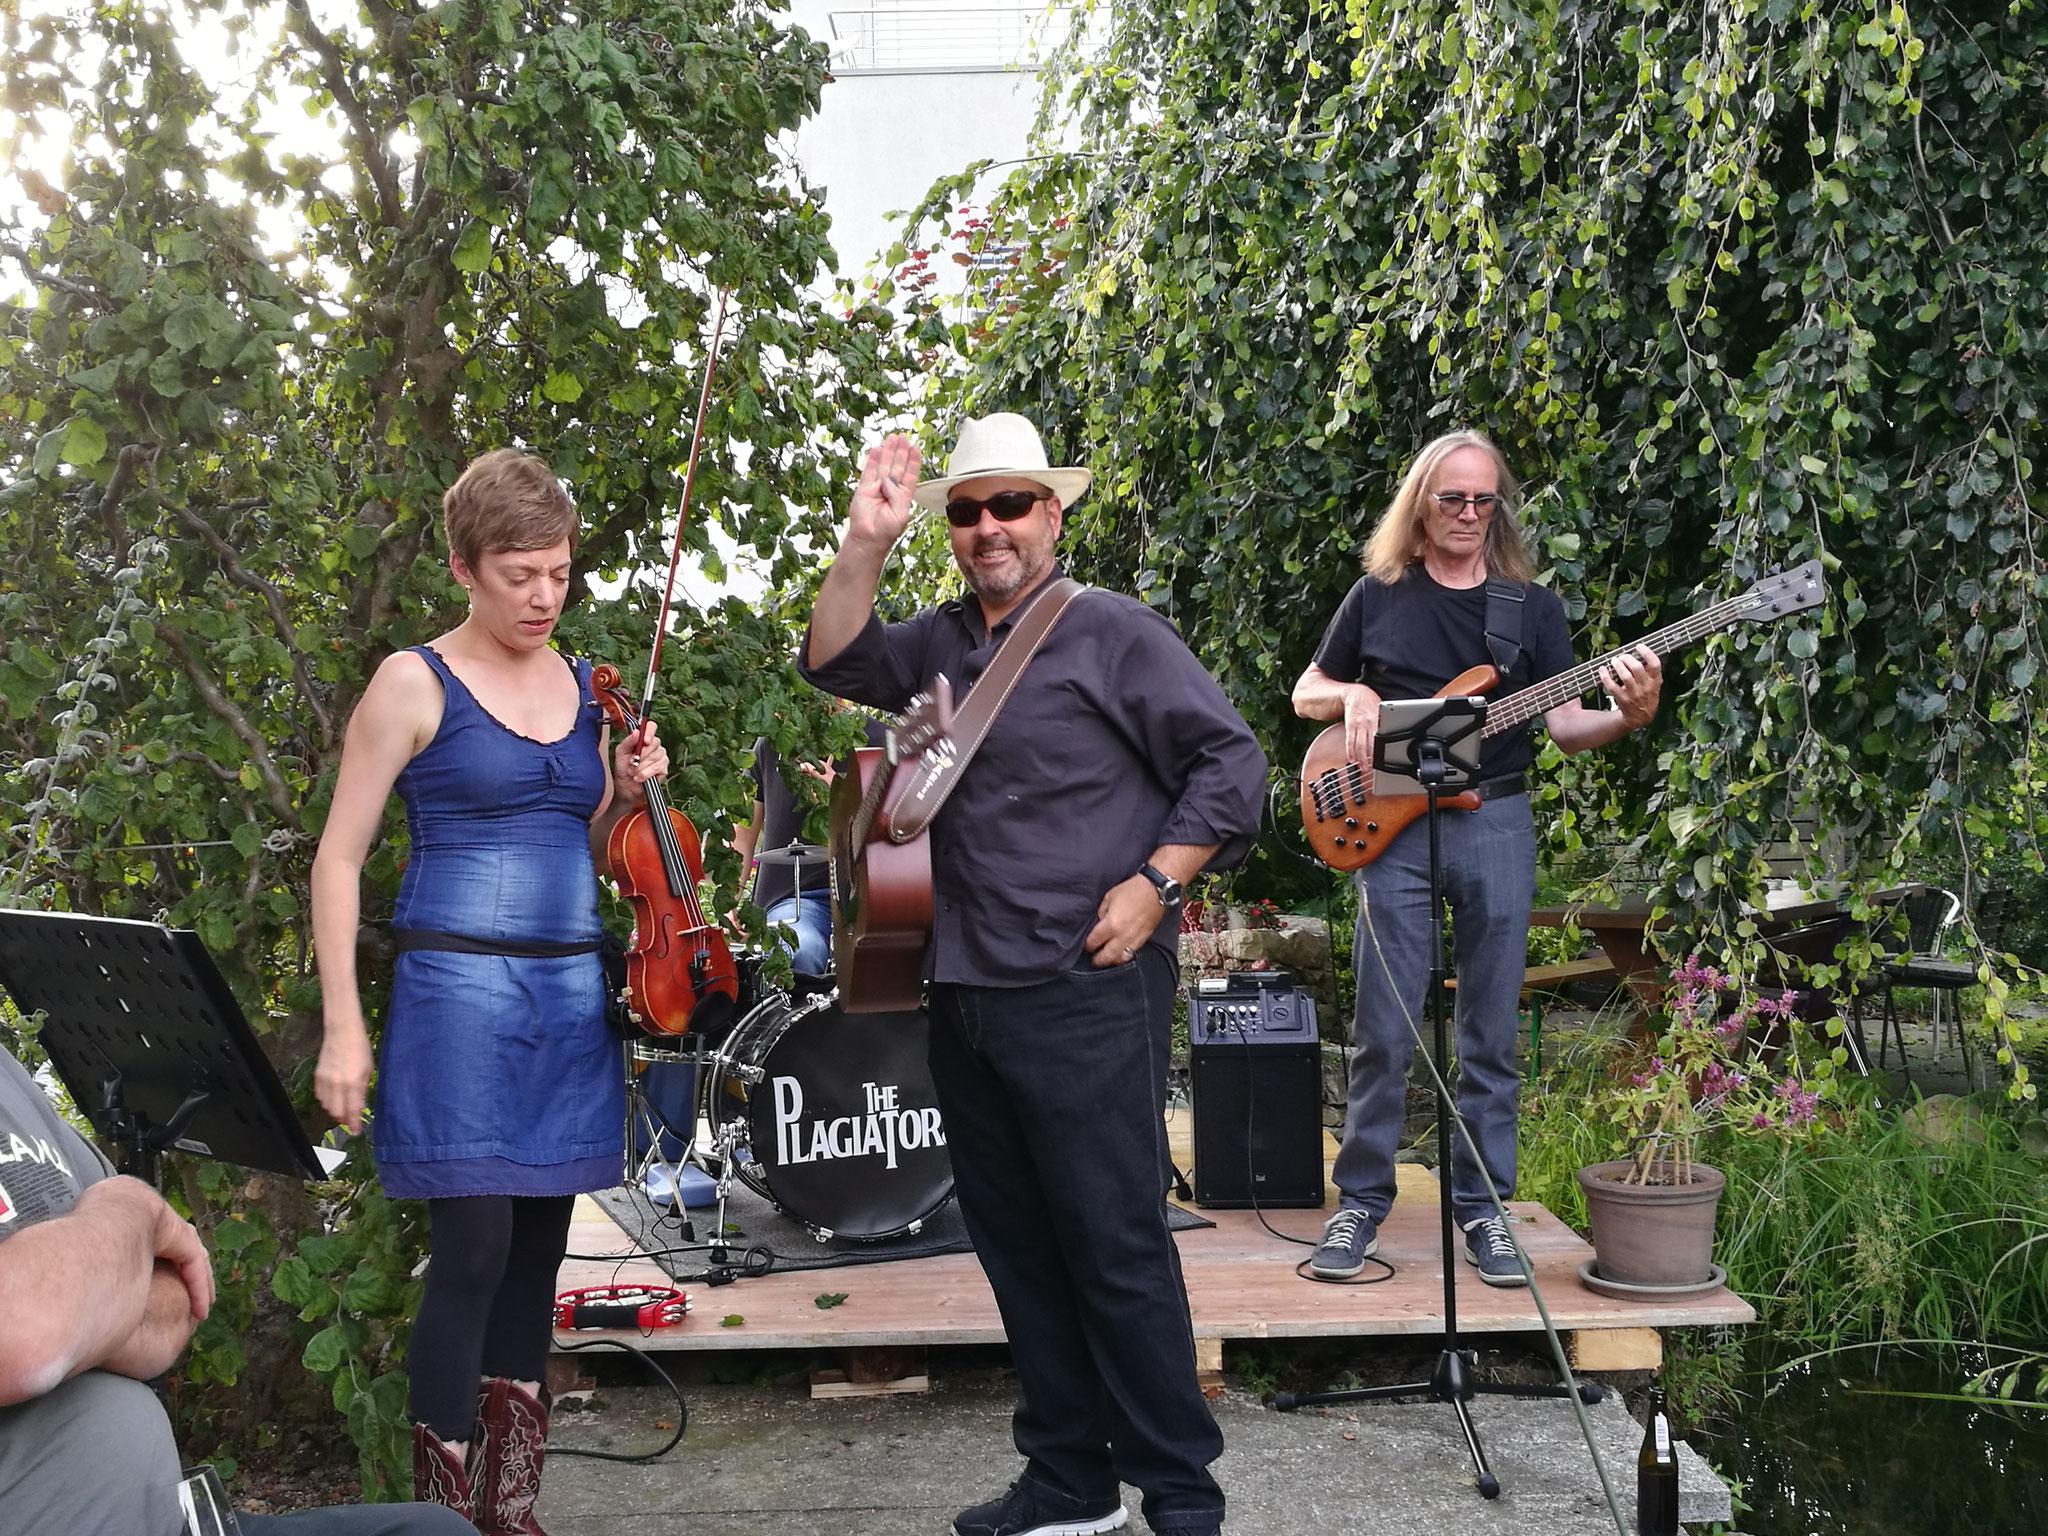 Band am See: The Plagiators im Garten von Angie und Peter Schaufelberger